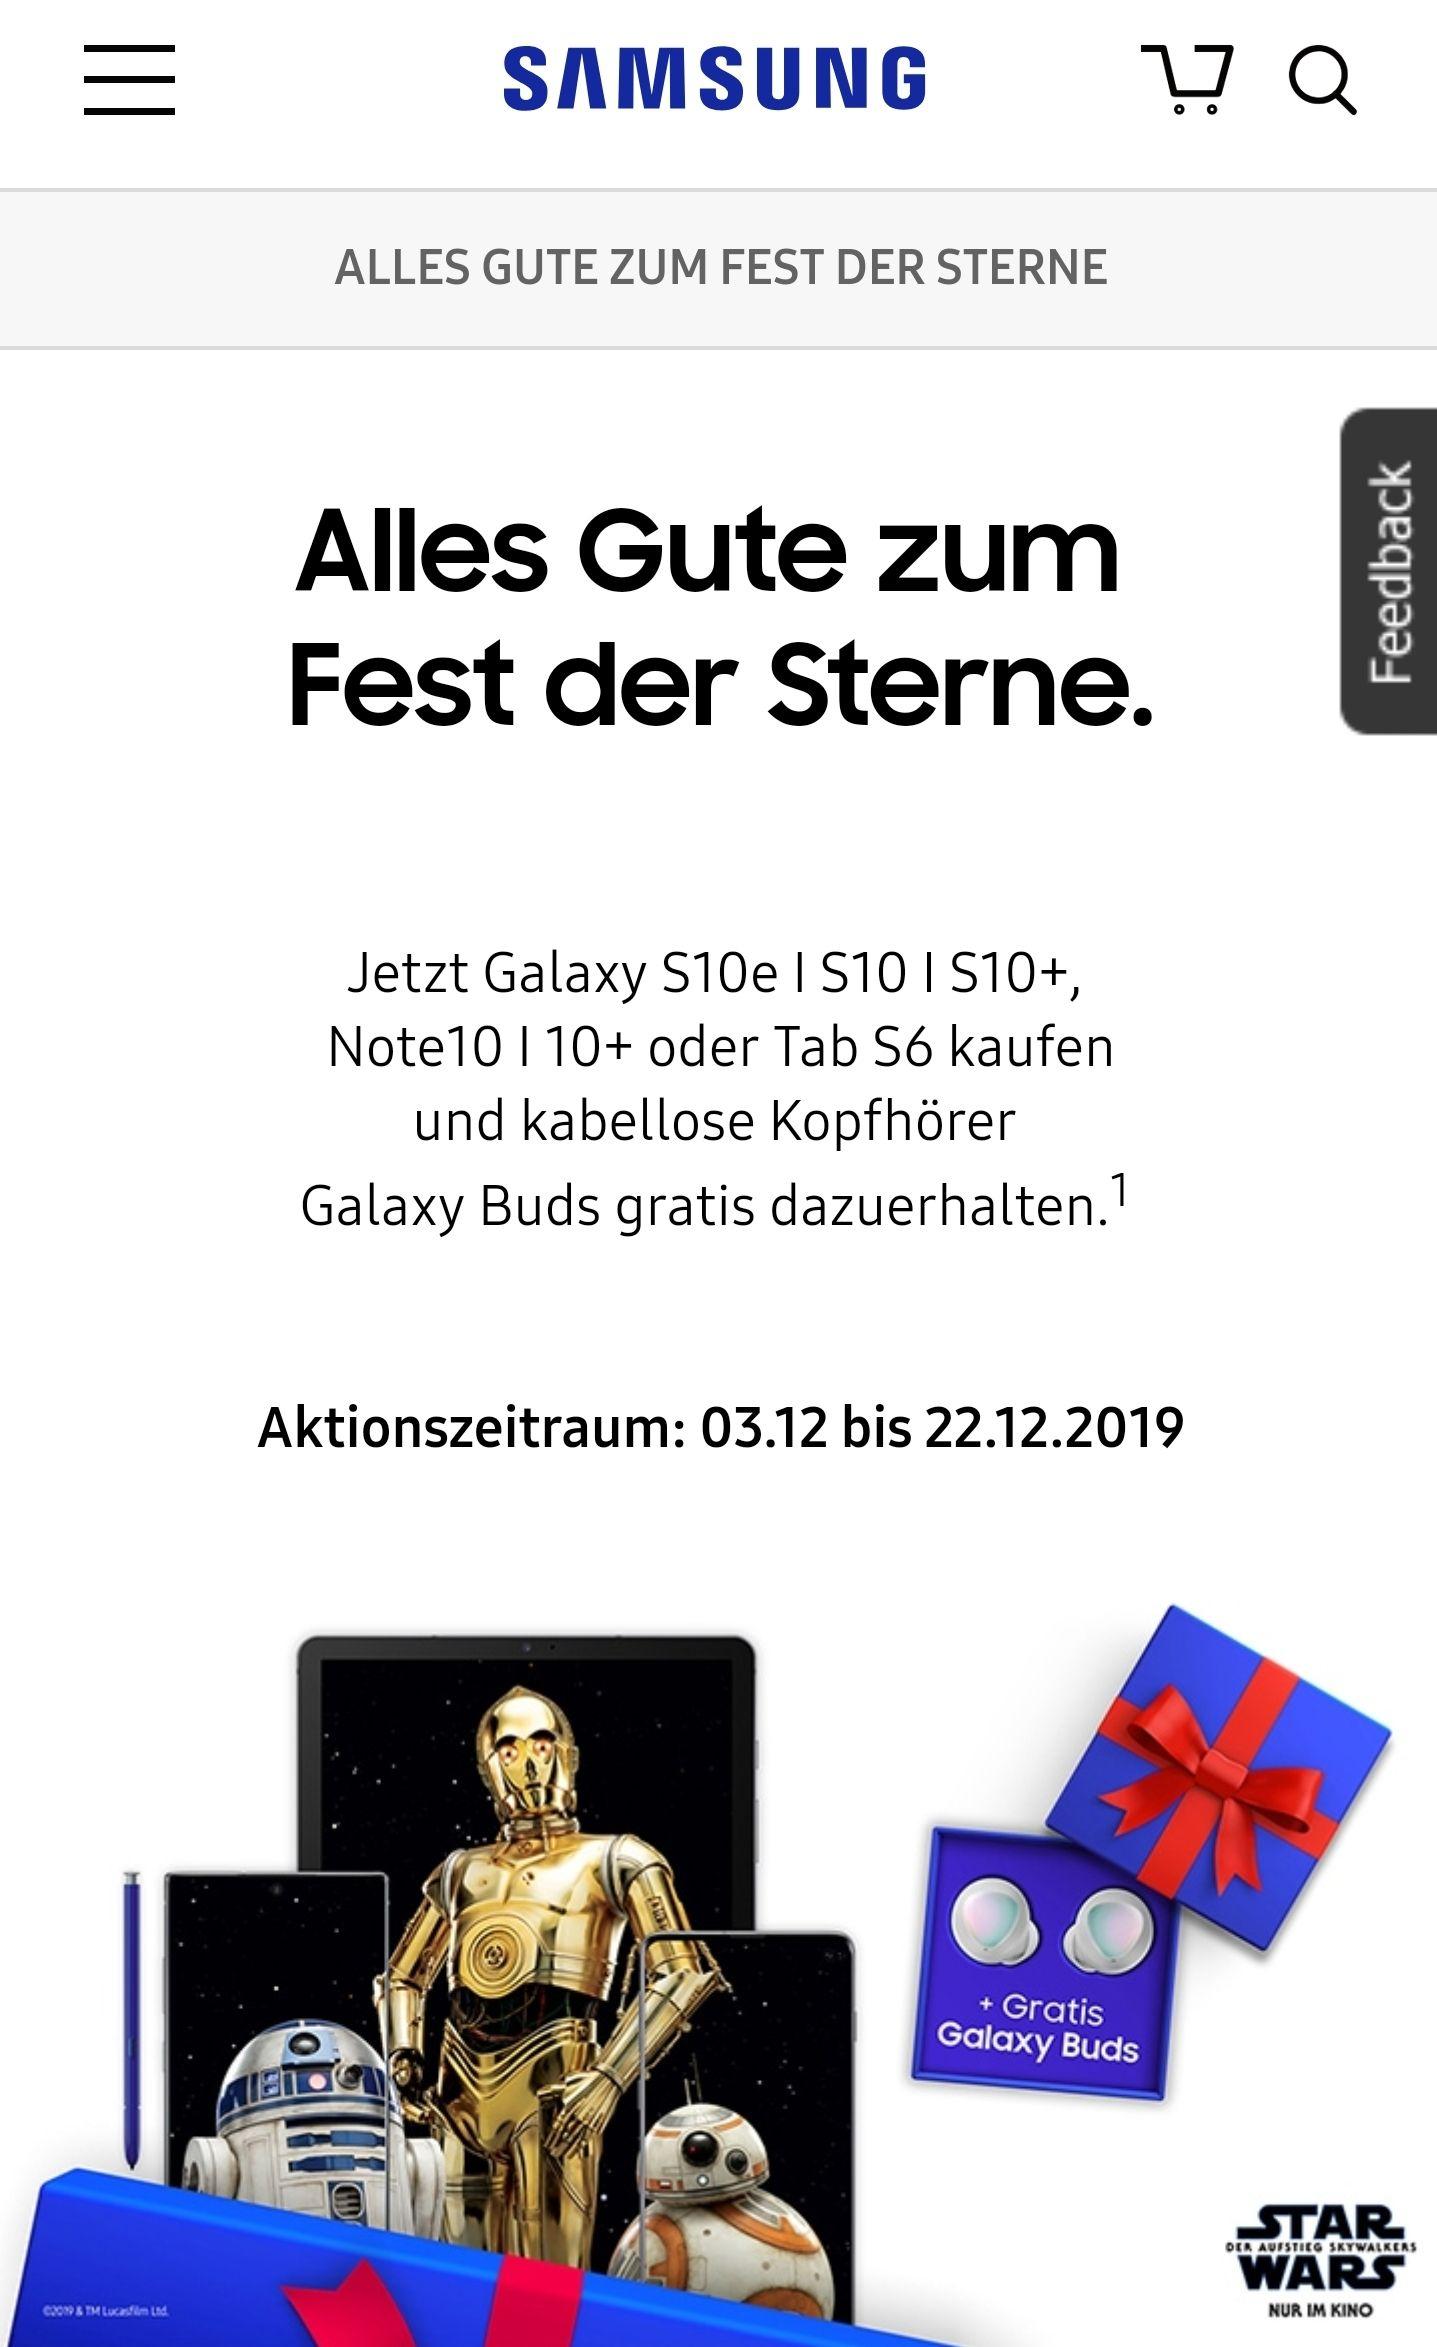 Galaxy Buds zu Samsung S10